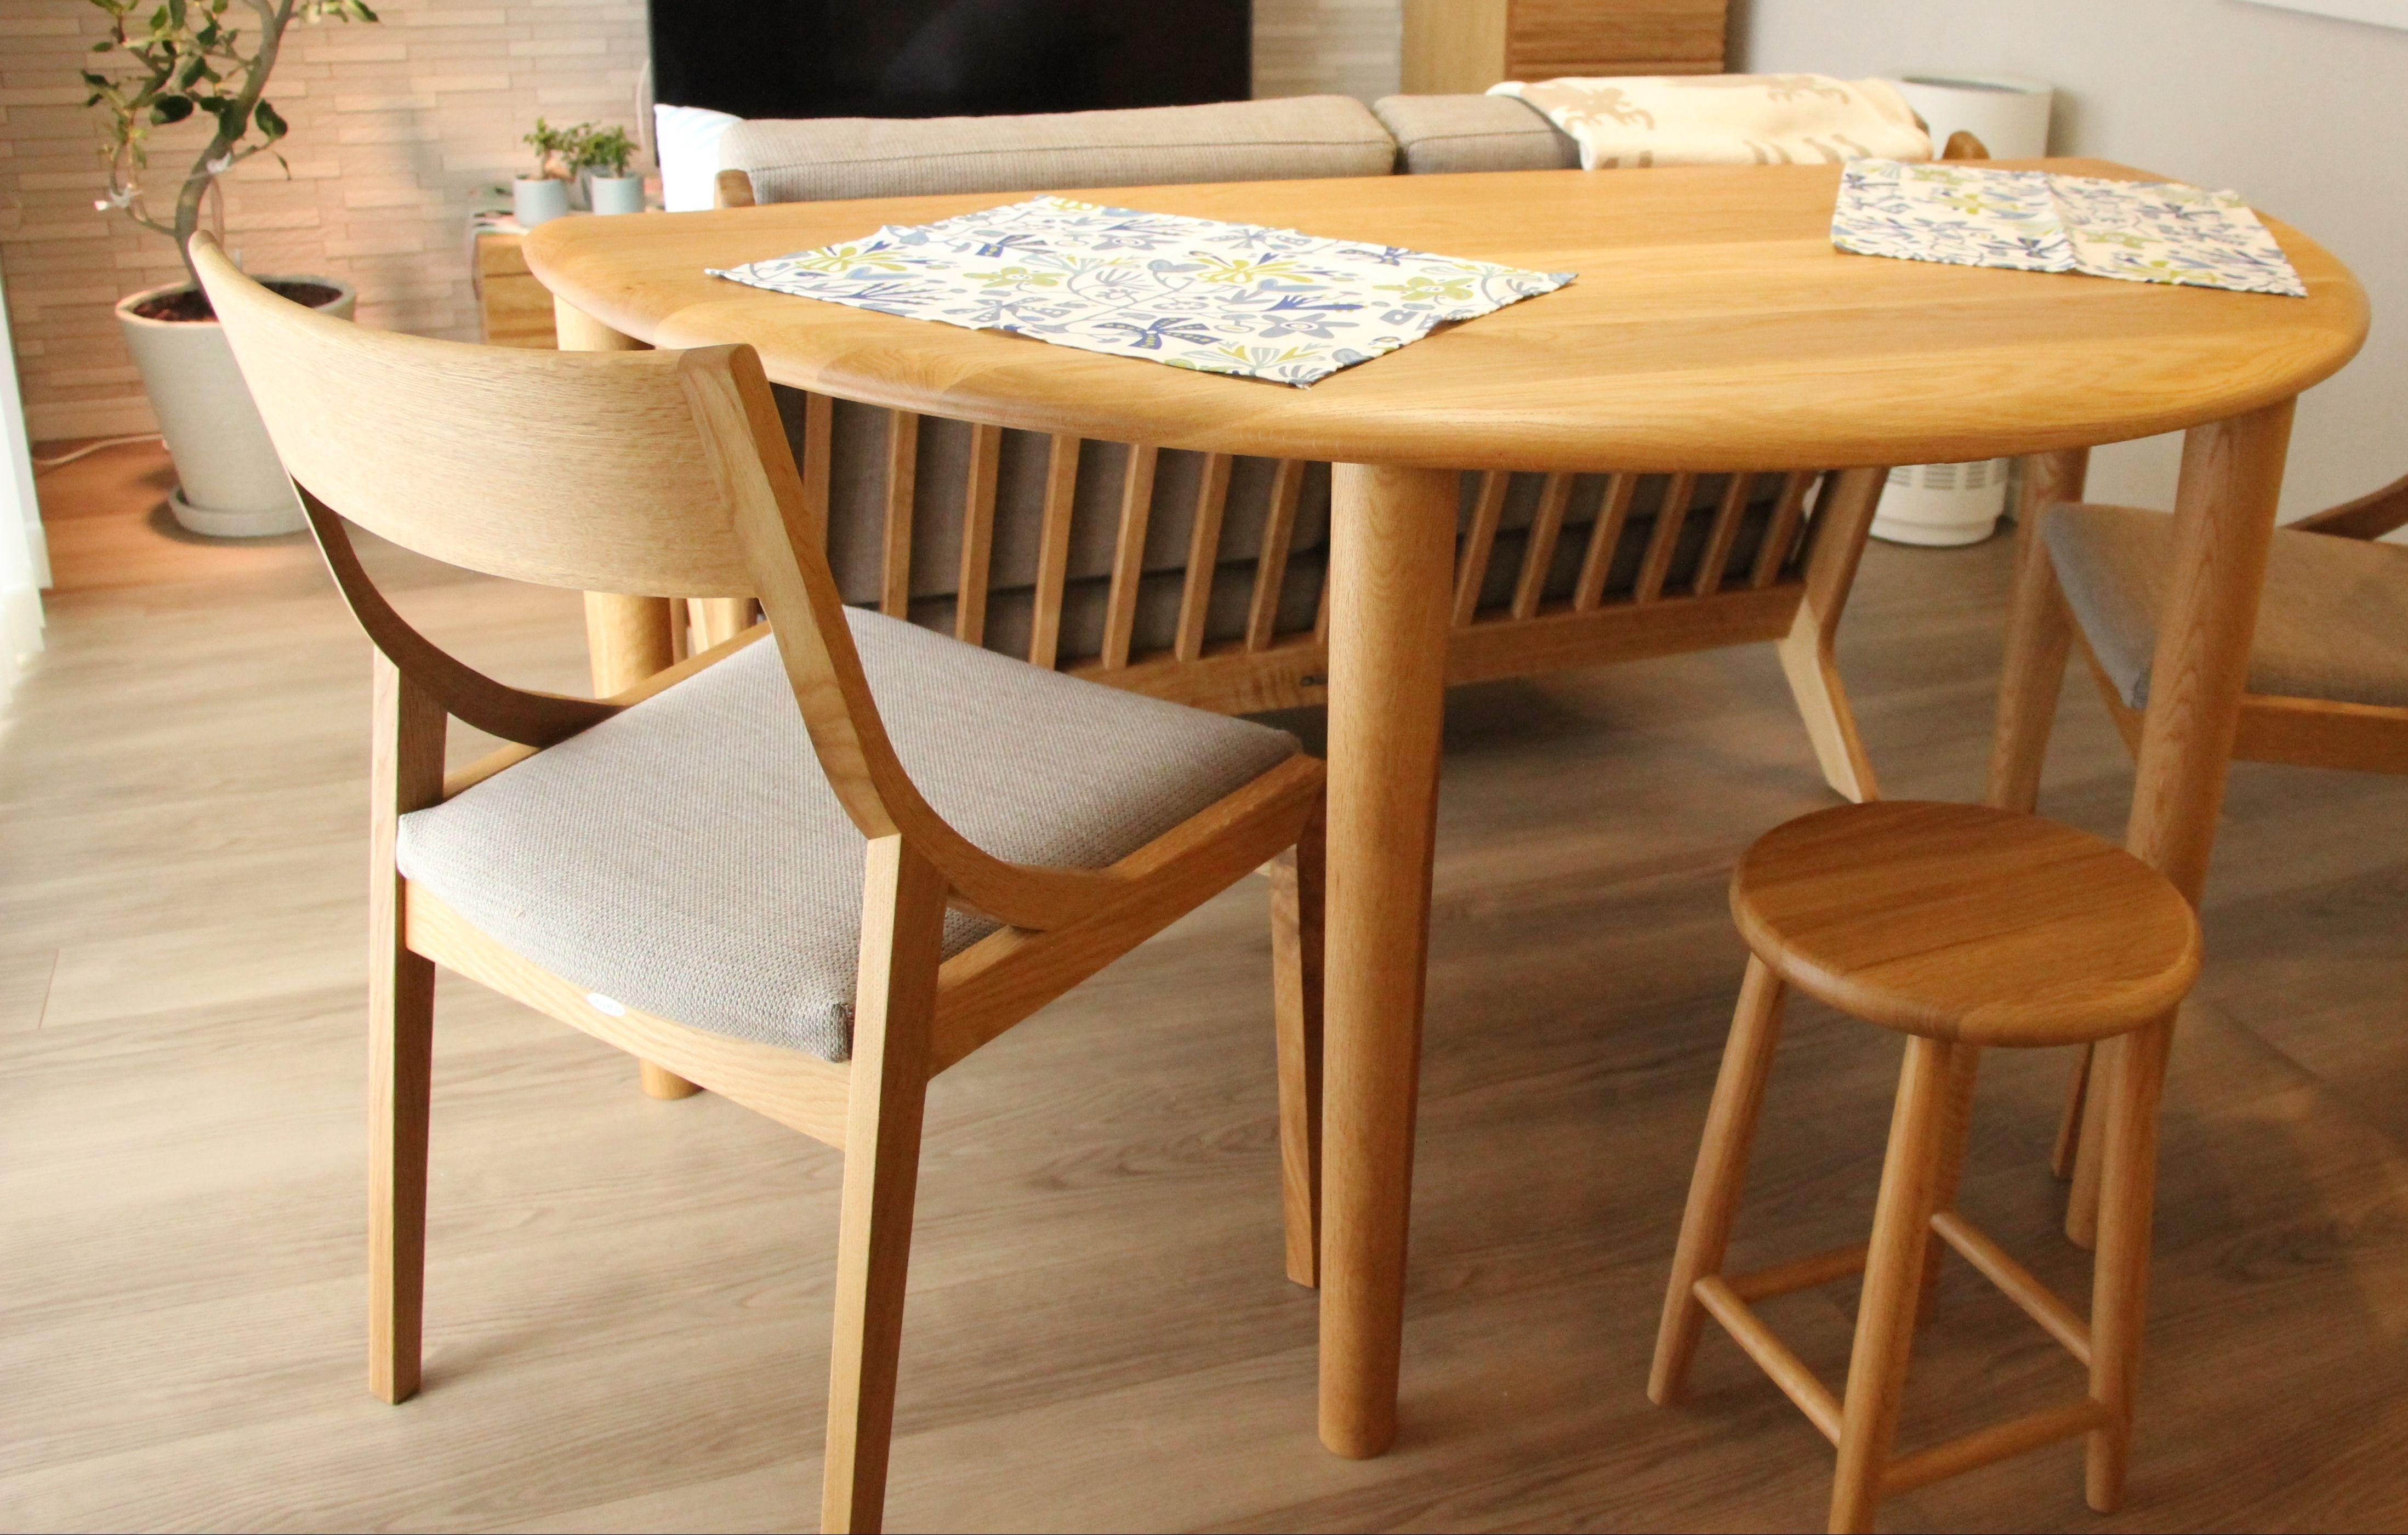 やさしい雰囲気ながらスタイリッシュな仕上がりの無垢オーク半円ダイニングテーブル